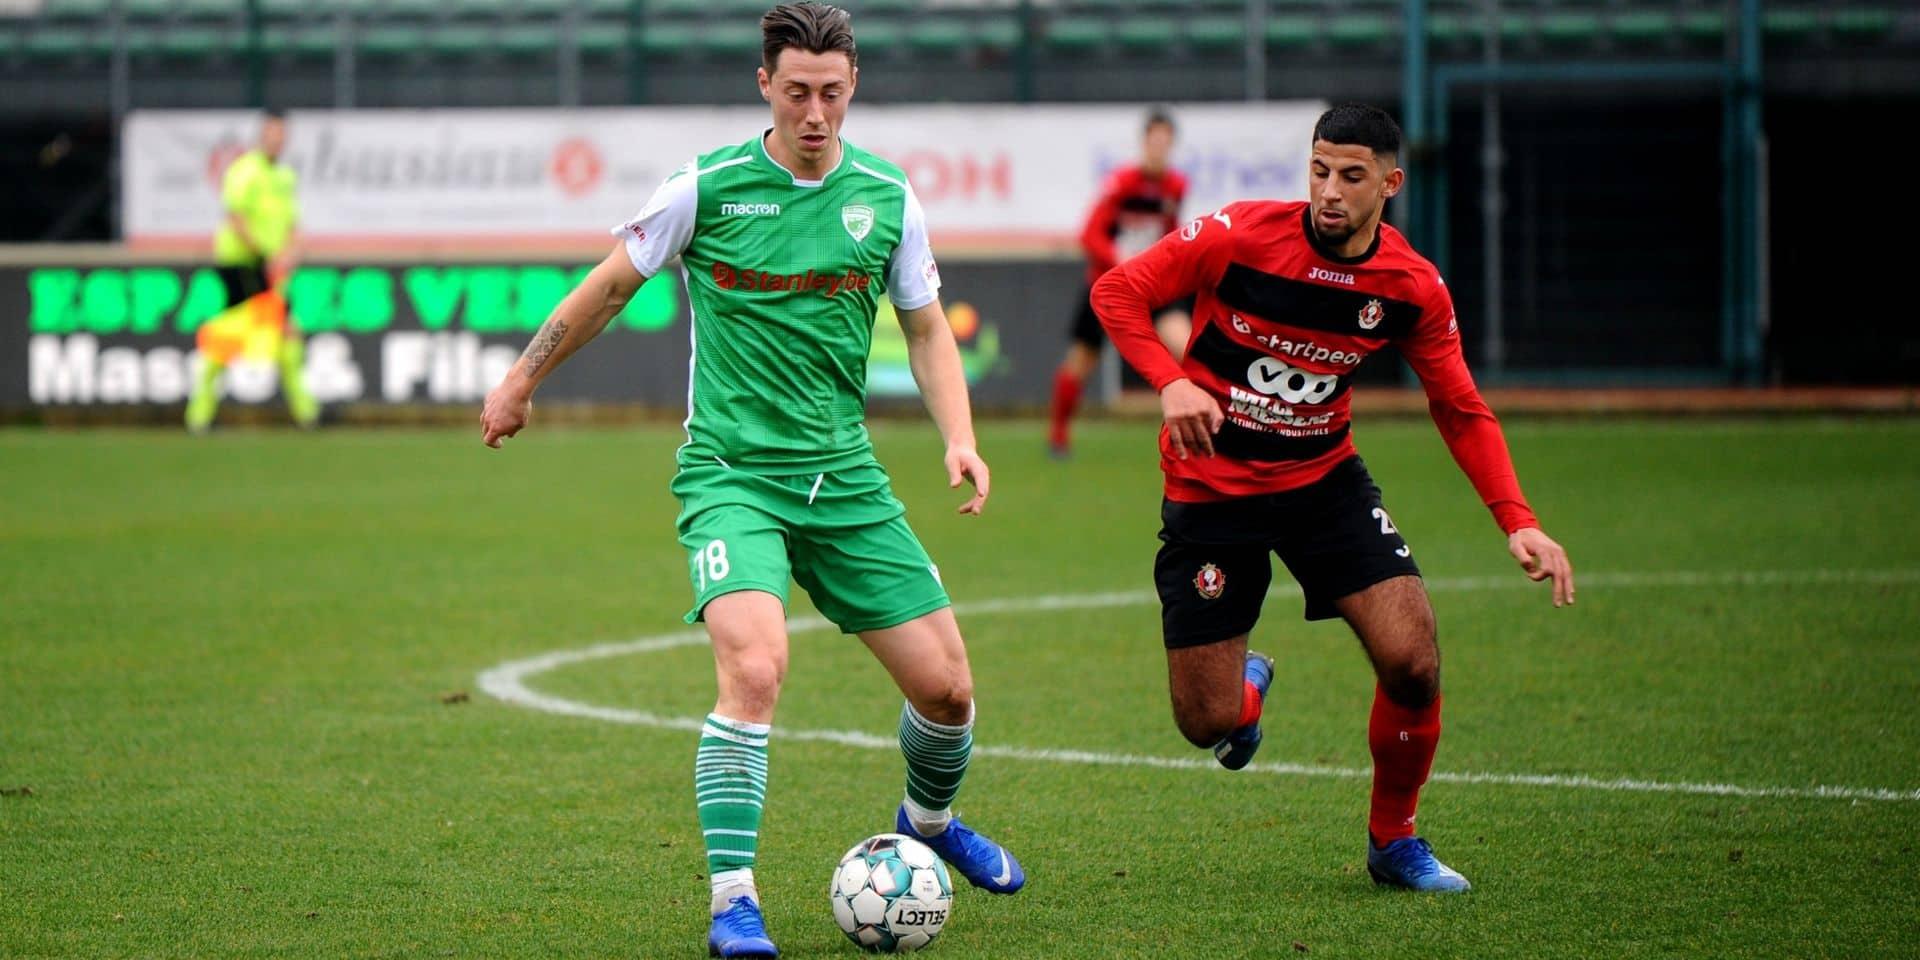 D1 Amateurs: Partage entre le RFC Liège et le Lierse ainsi qu'entre l'URLC et Seraing